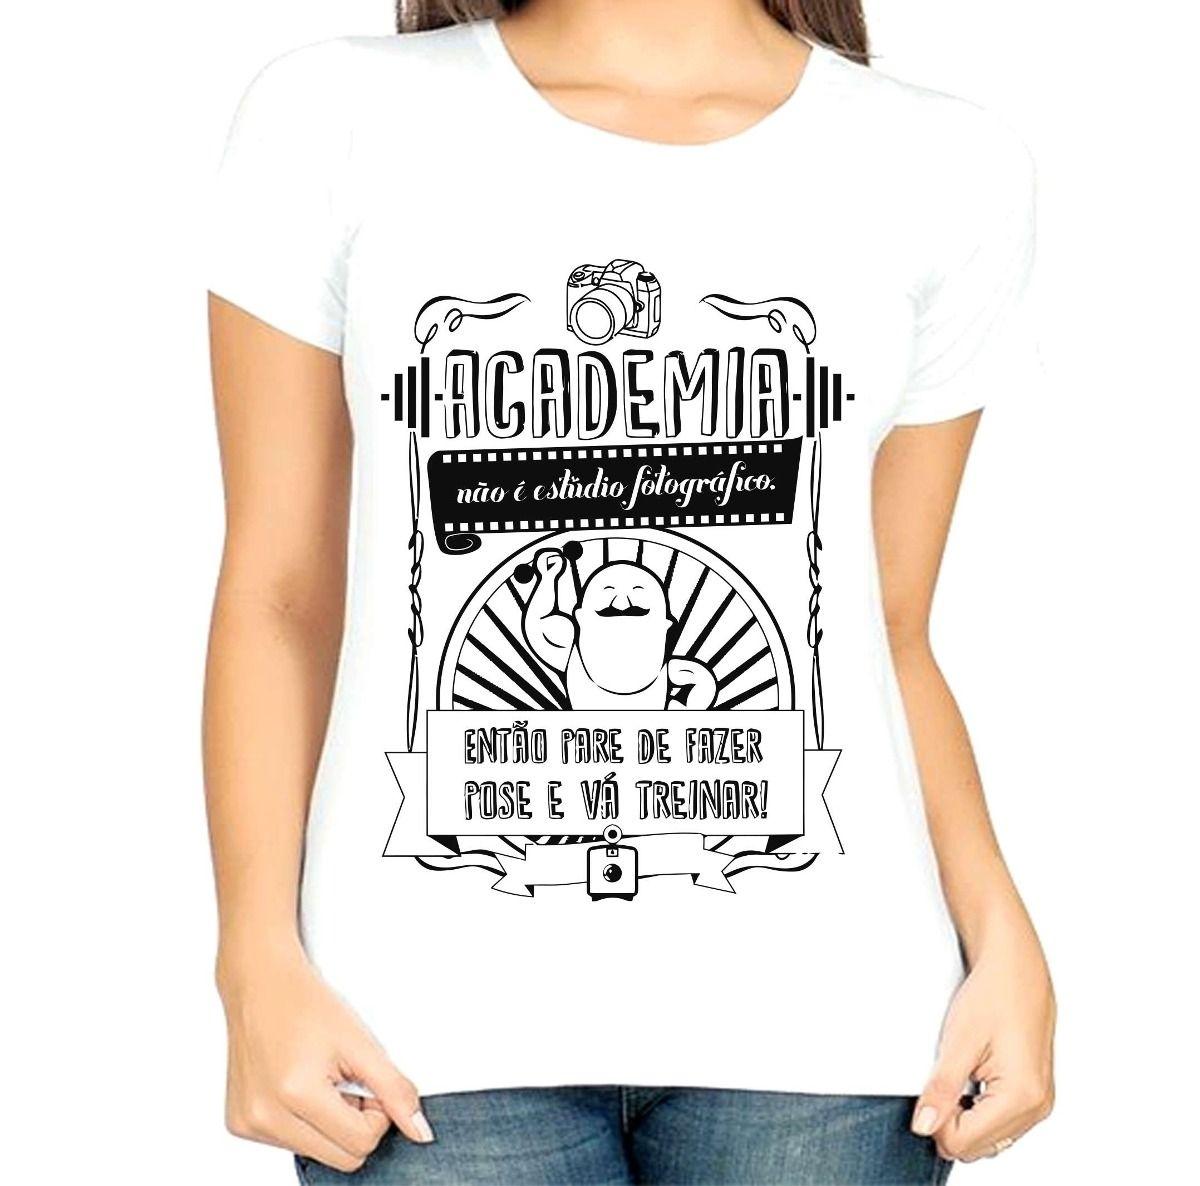 estampas para camisetas academia - Pesquisa Google  7da258ad77c